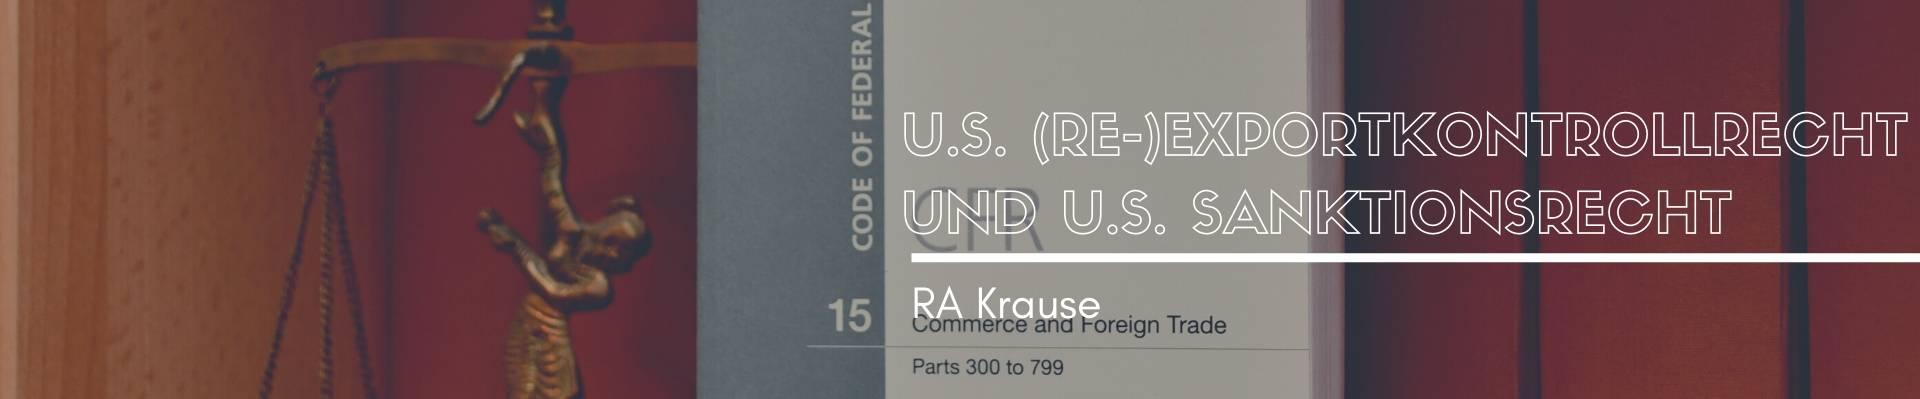 U.S. (Re-) Exportkontrollrecht und U.S. Sanktionsrecht